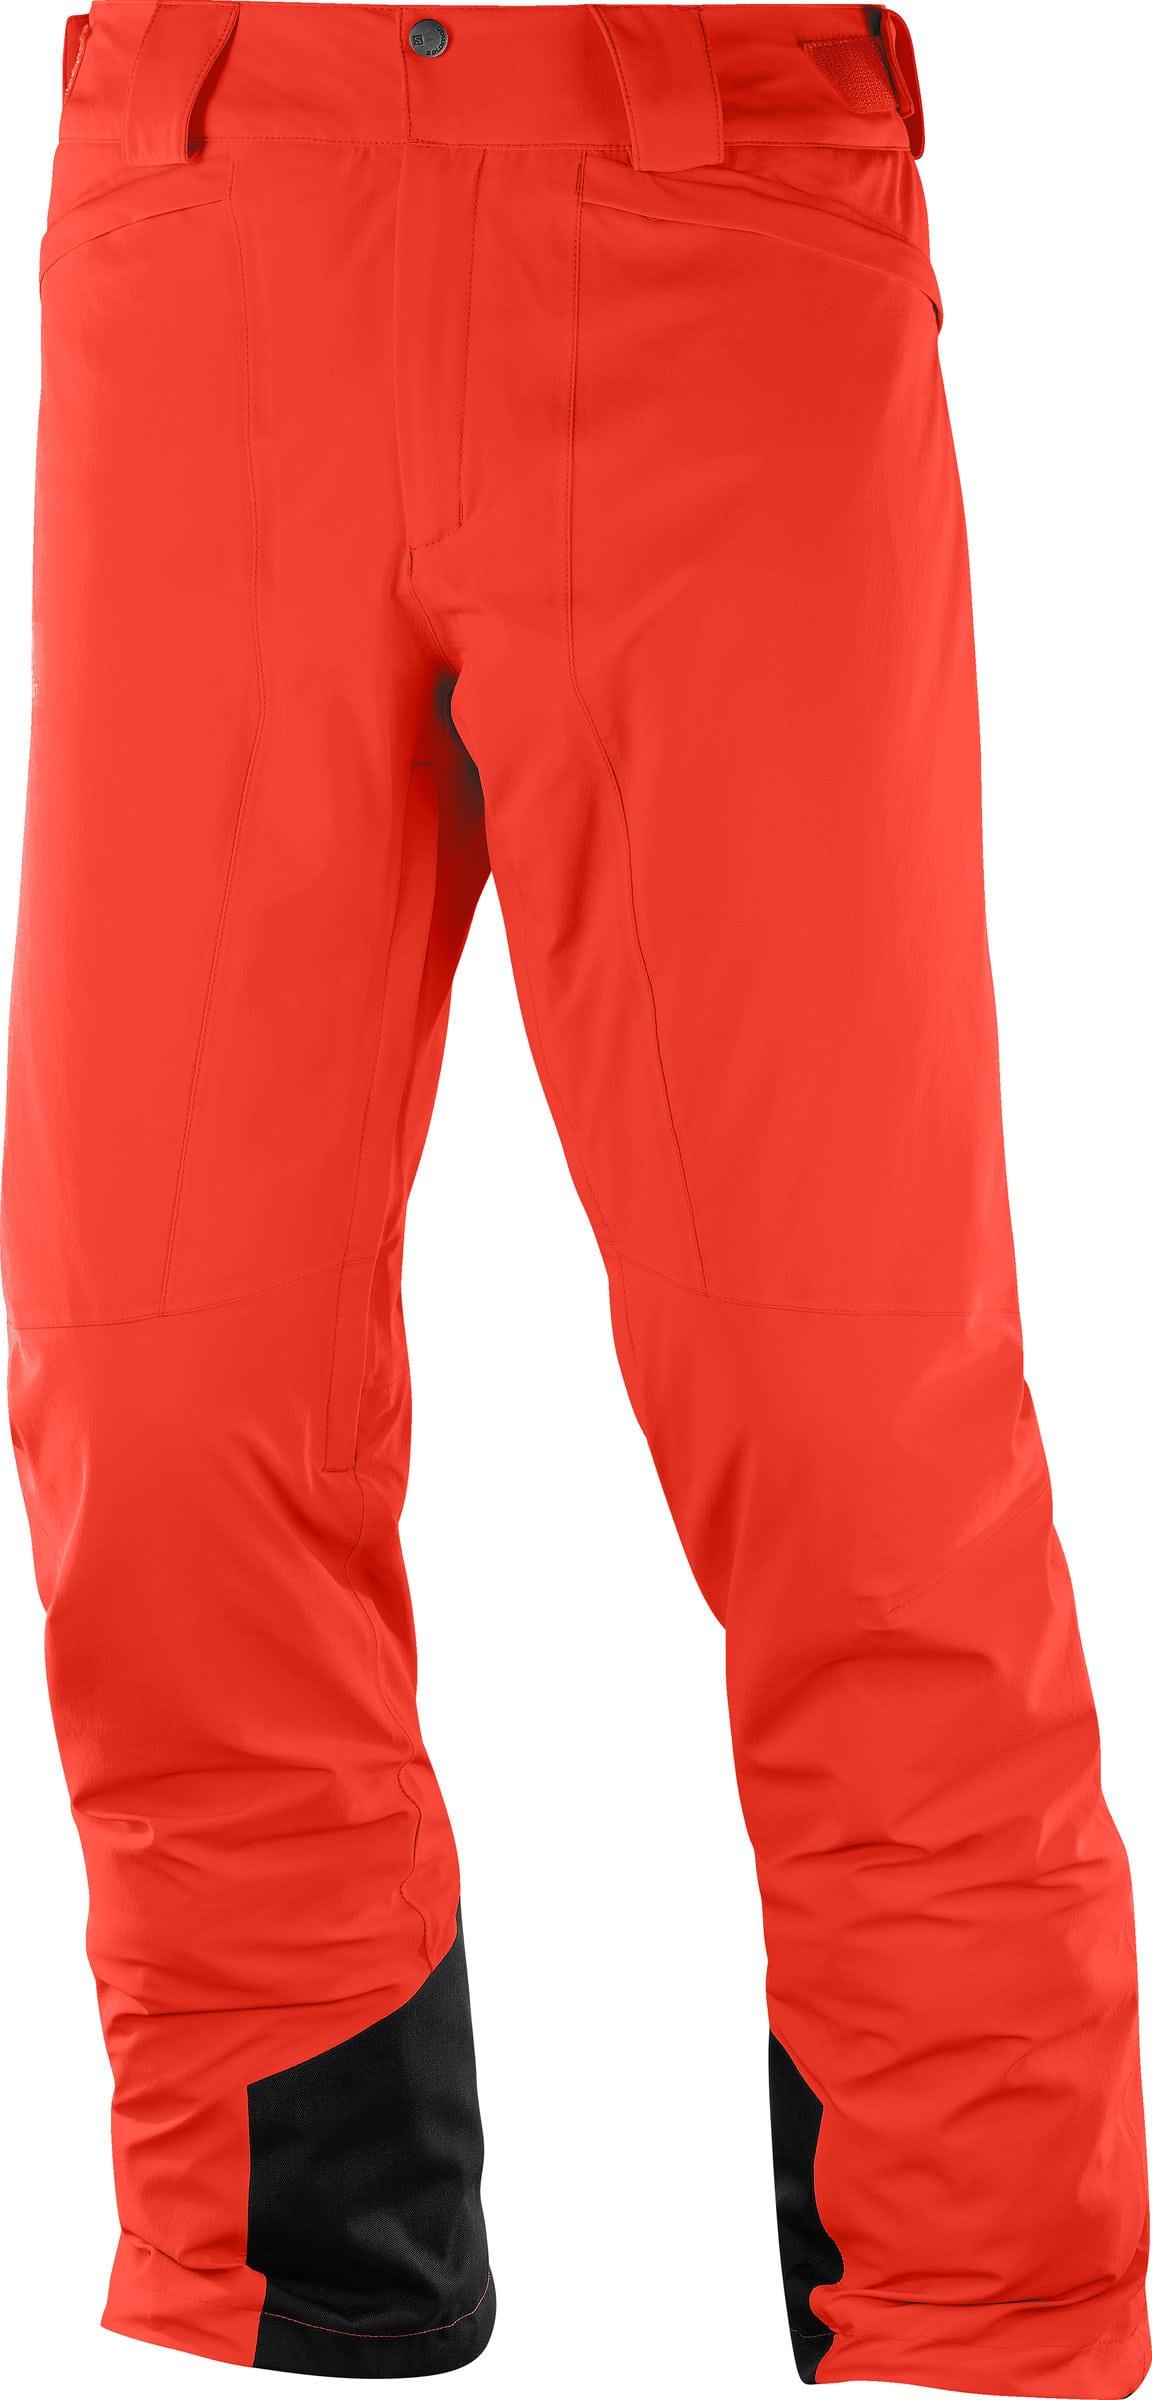 Pour M Pantalon Icemania Pant De HommeMigros Salomon Ski f76ybg